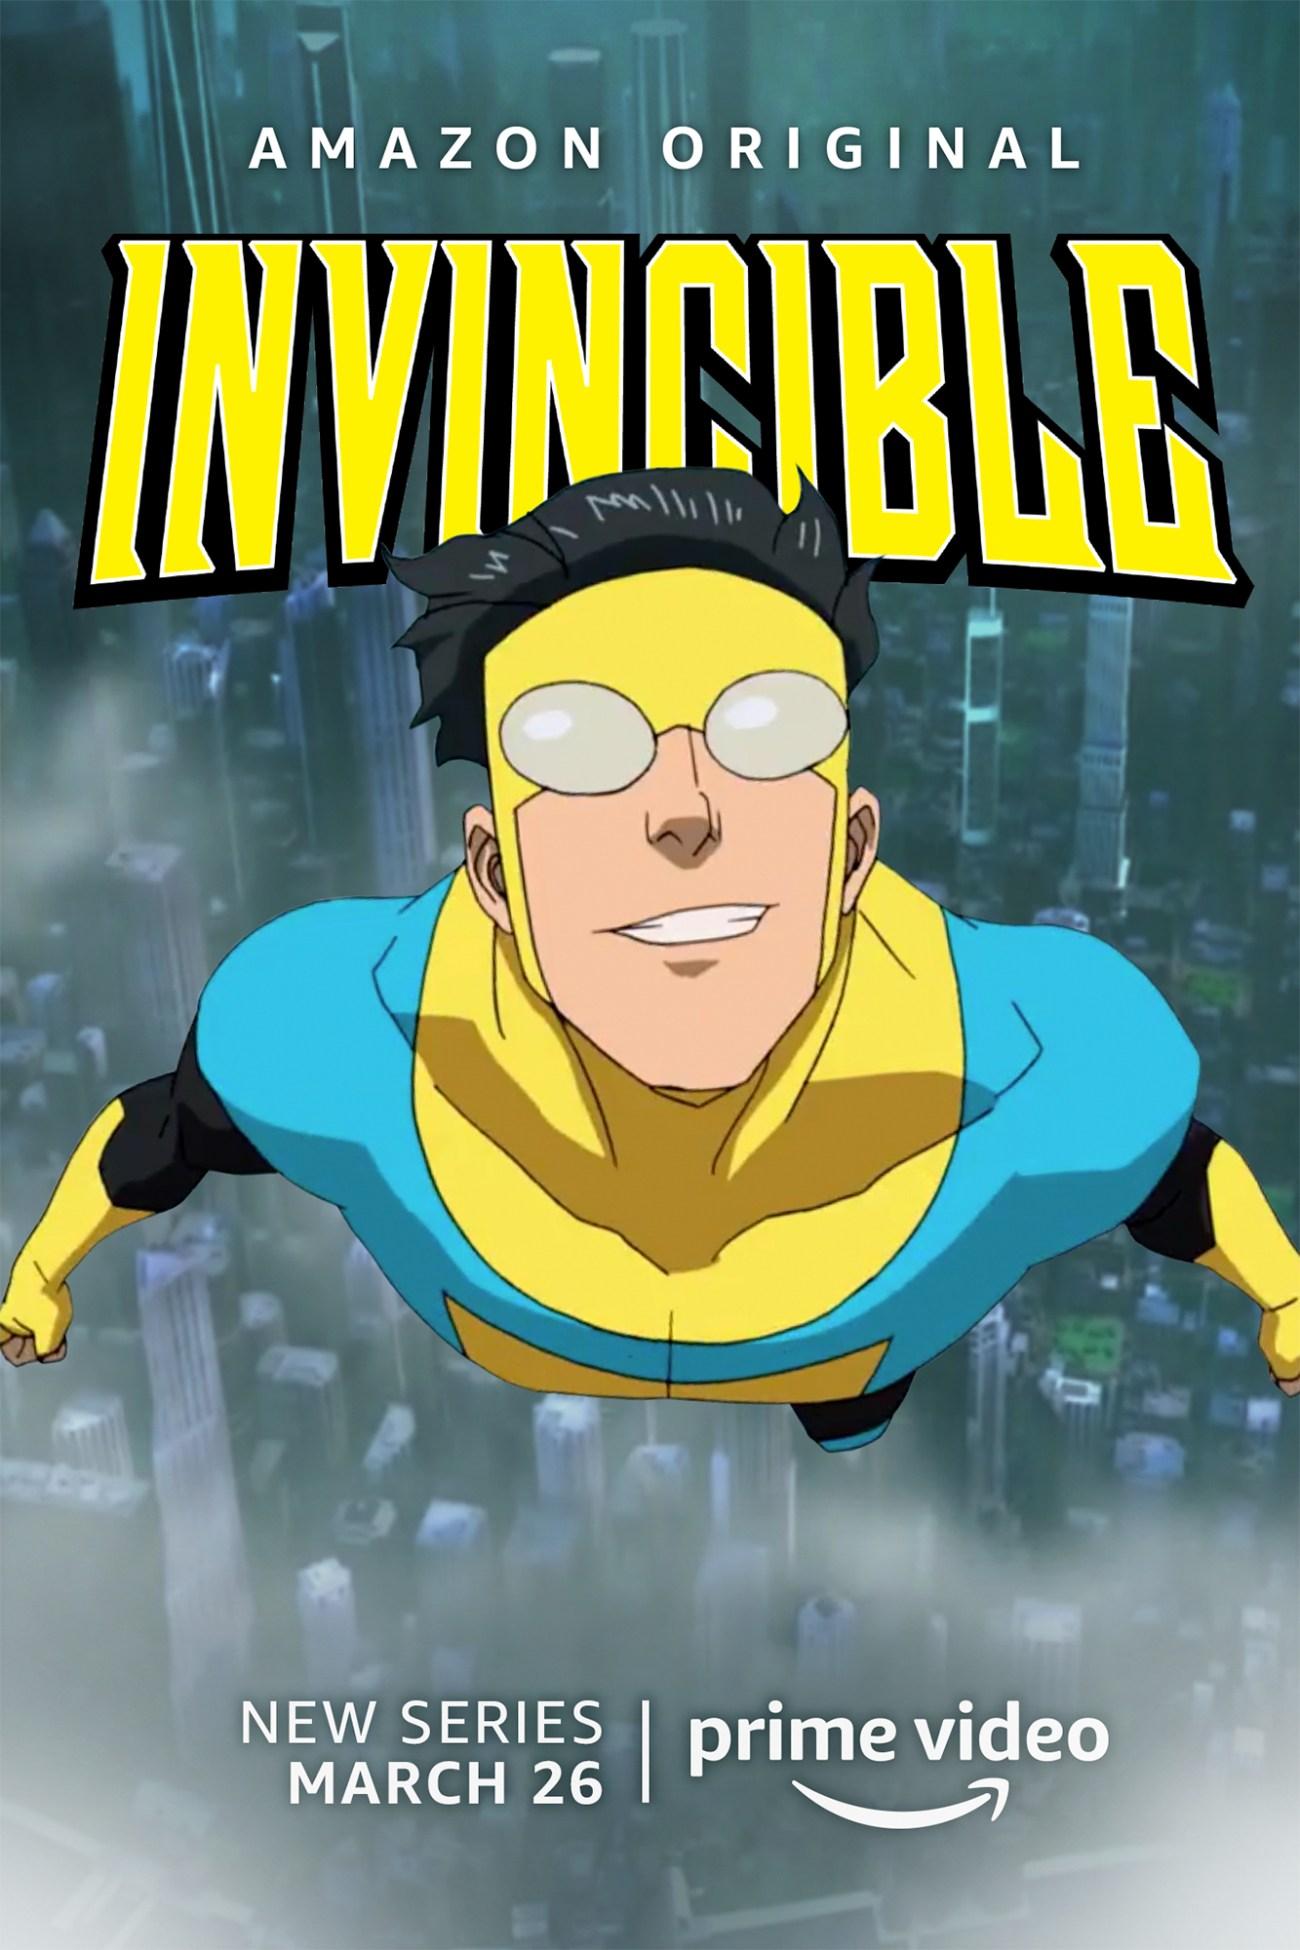 Invincible/Mark Grayson (voz de Steven Yeun) en un póster promocional de Invincible. Imagen: Amazon Prime Video